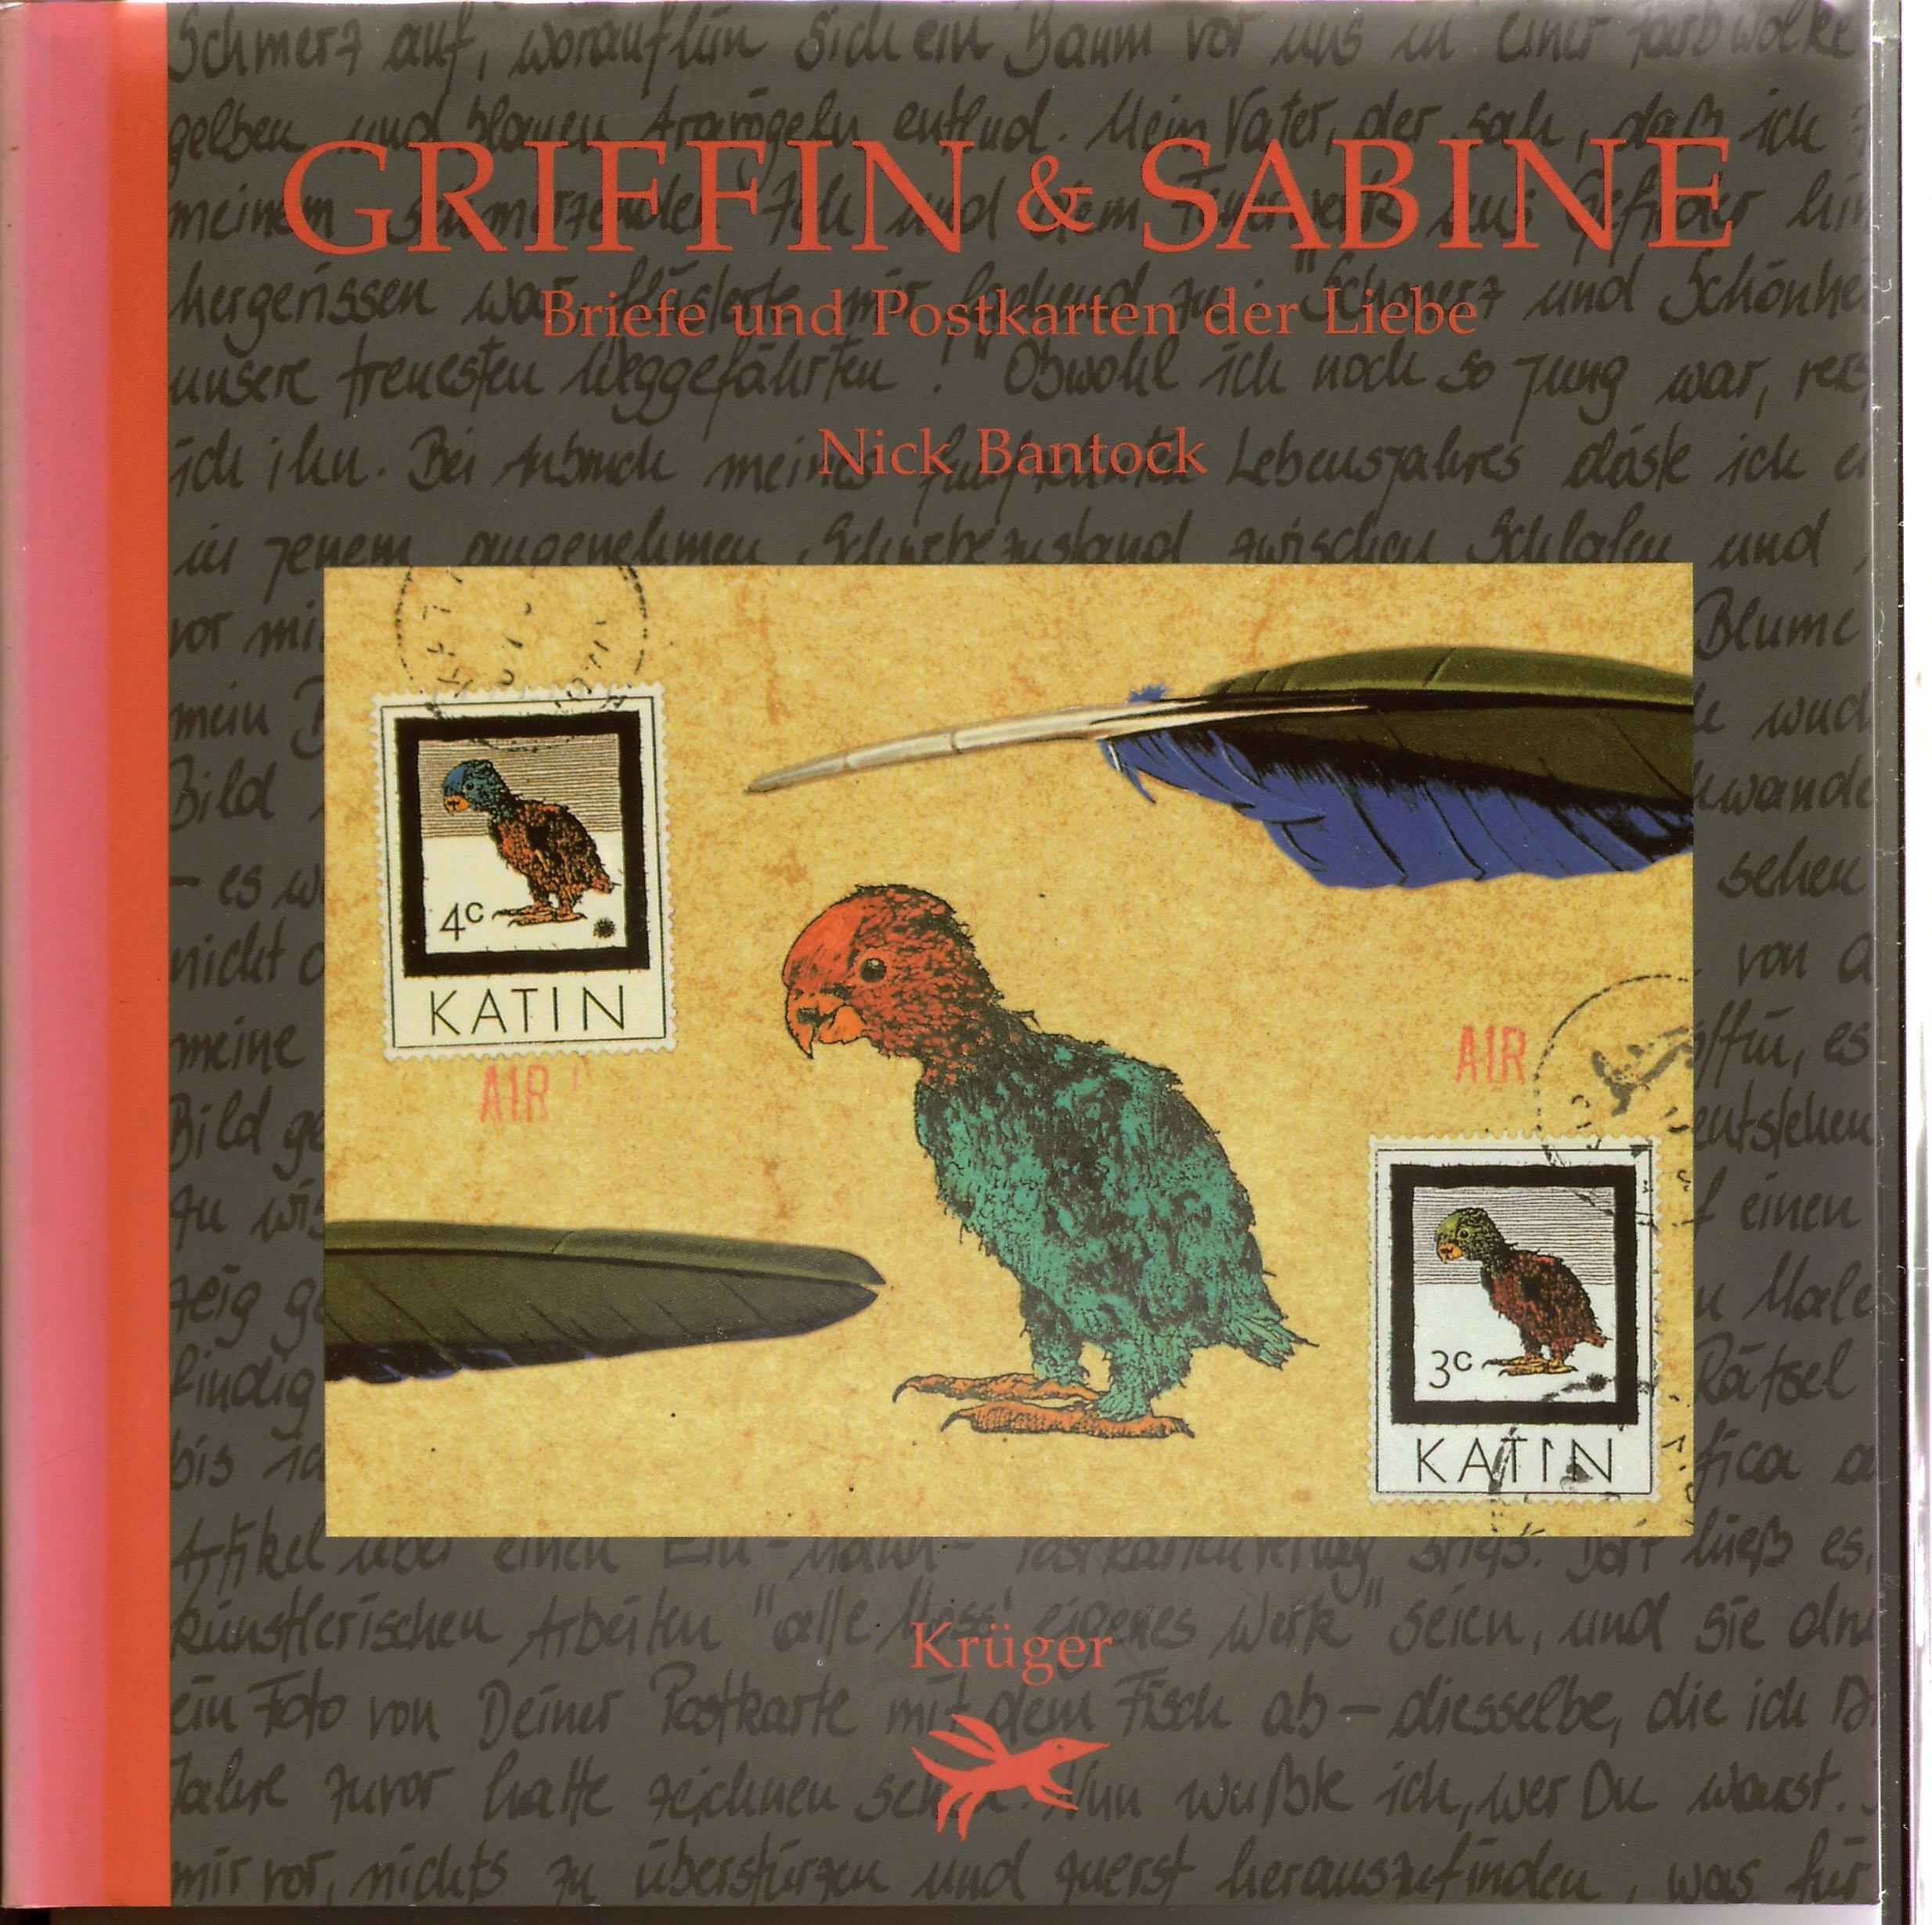 griffin-und-sabine-briefe-und-postkarten-der-liebe